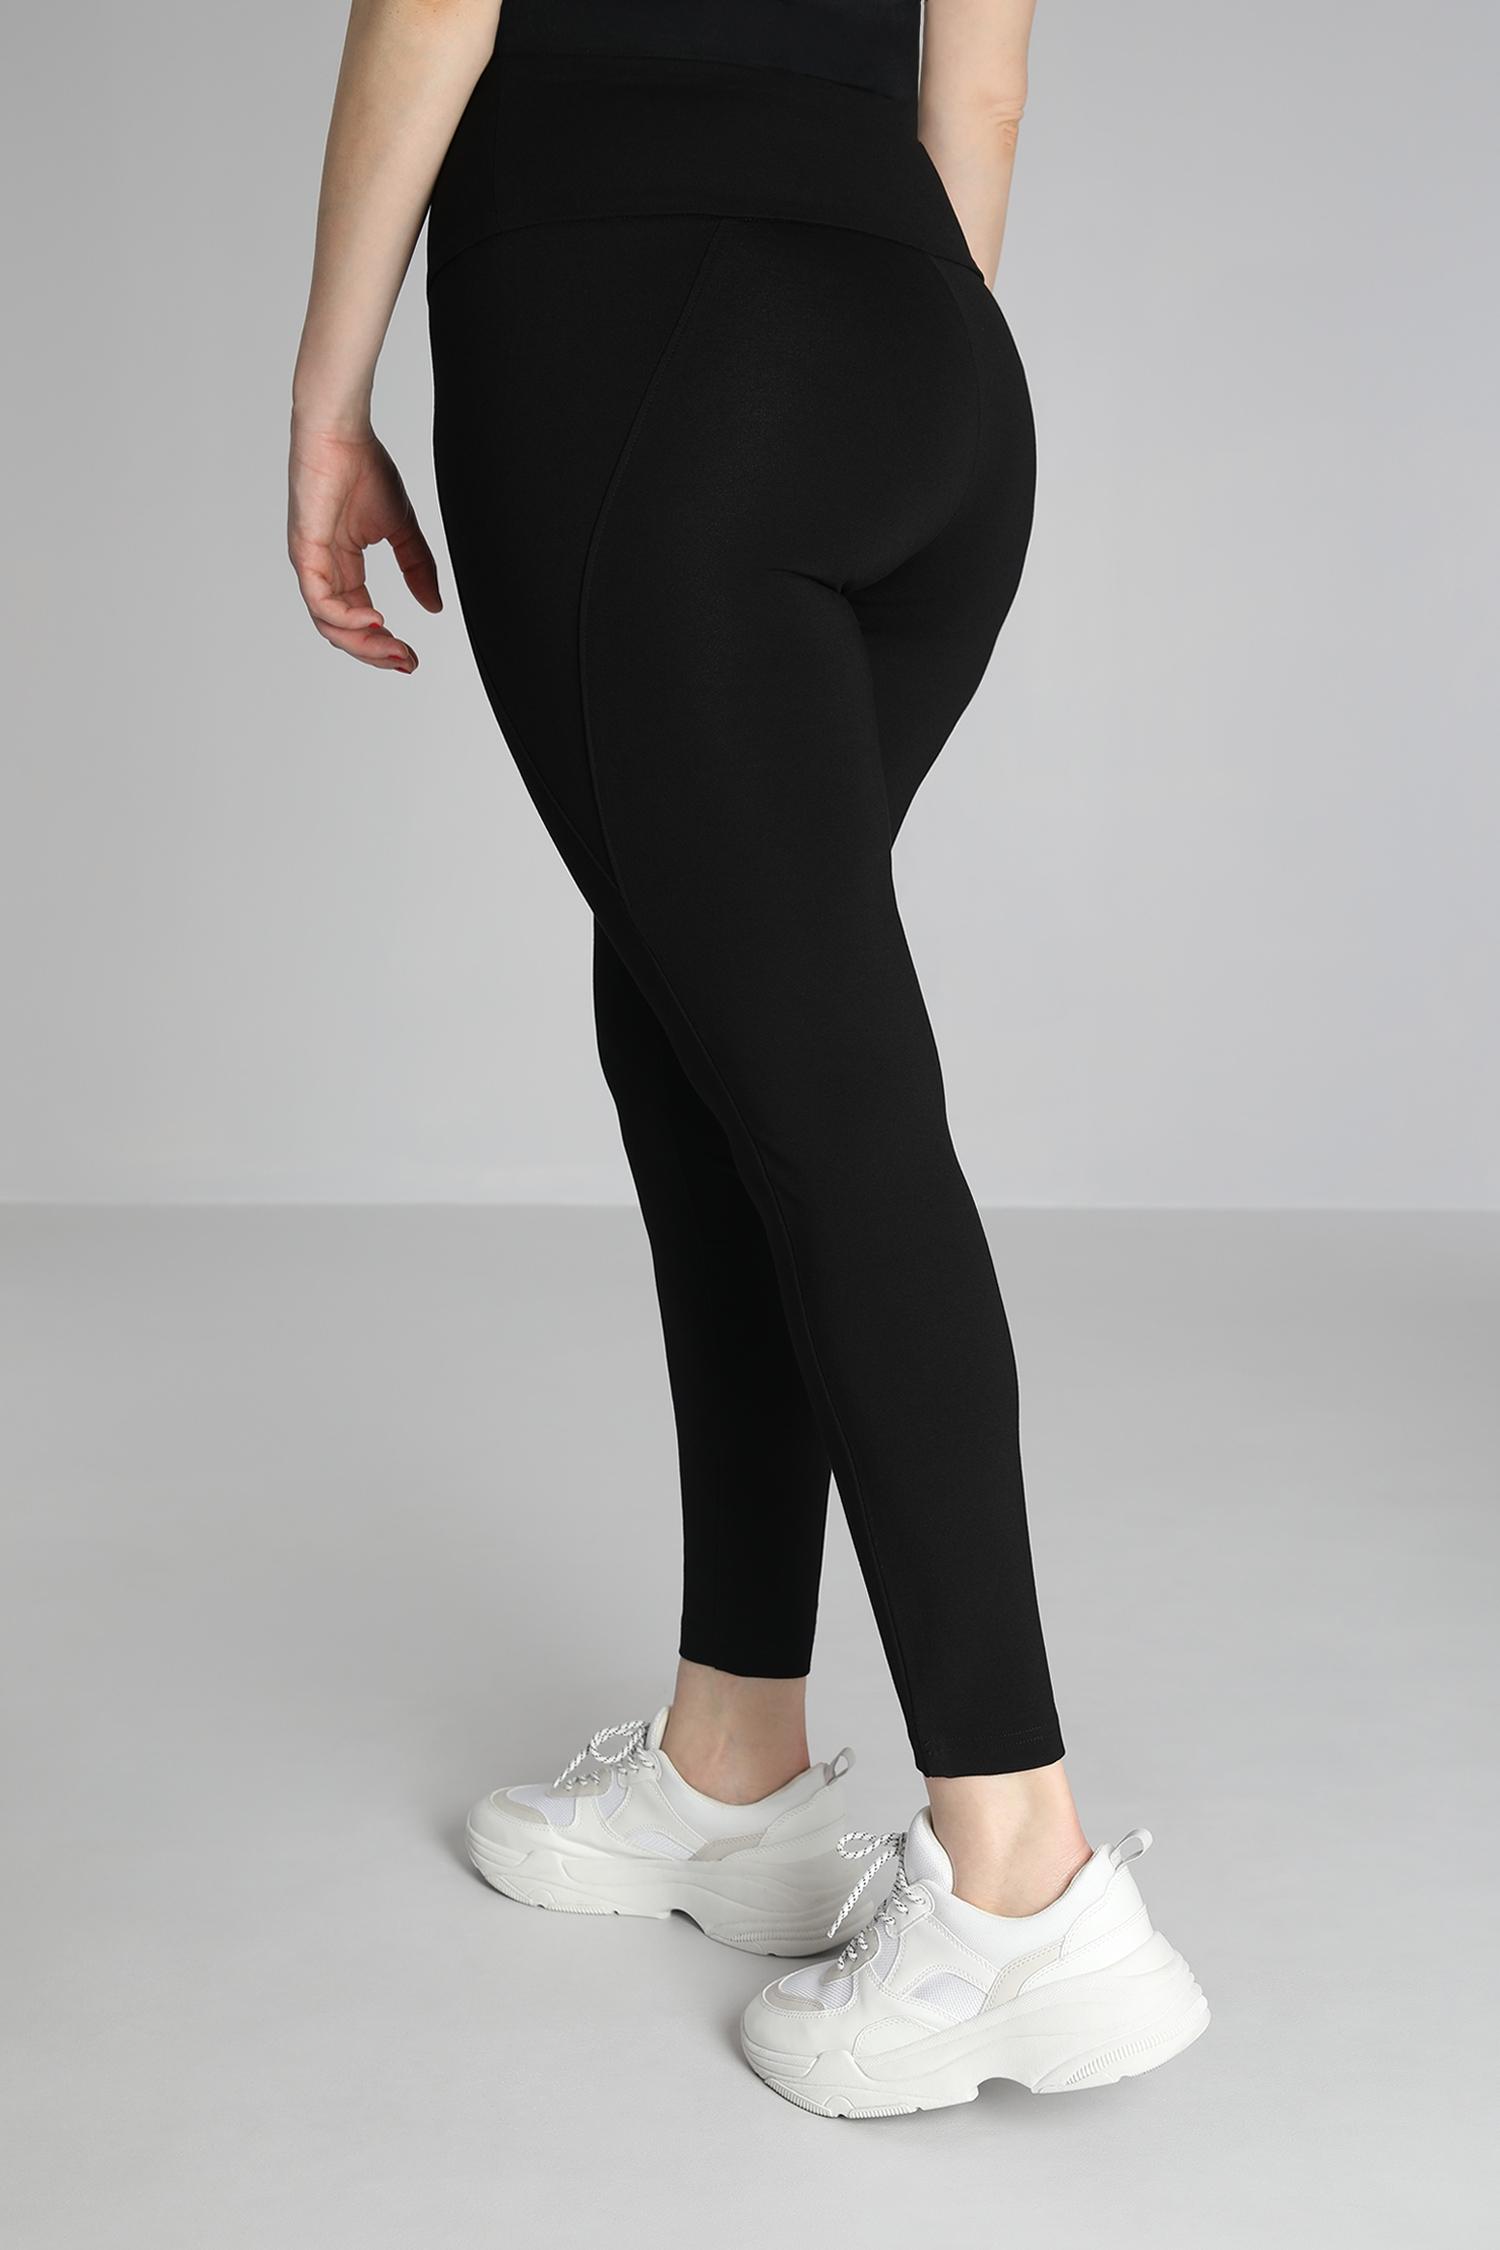 Pants with sheath hips / waist